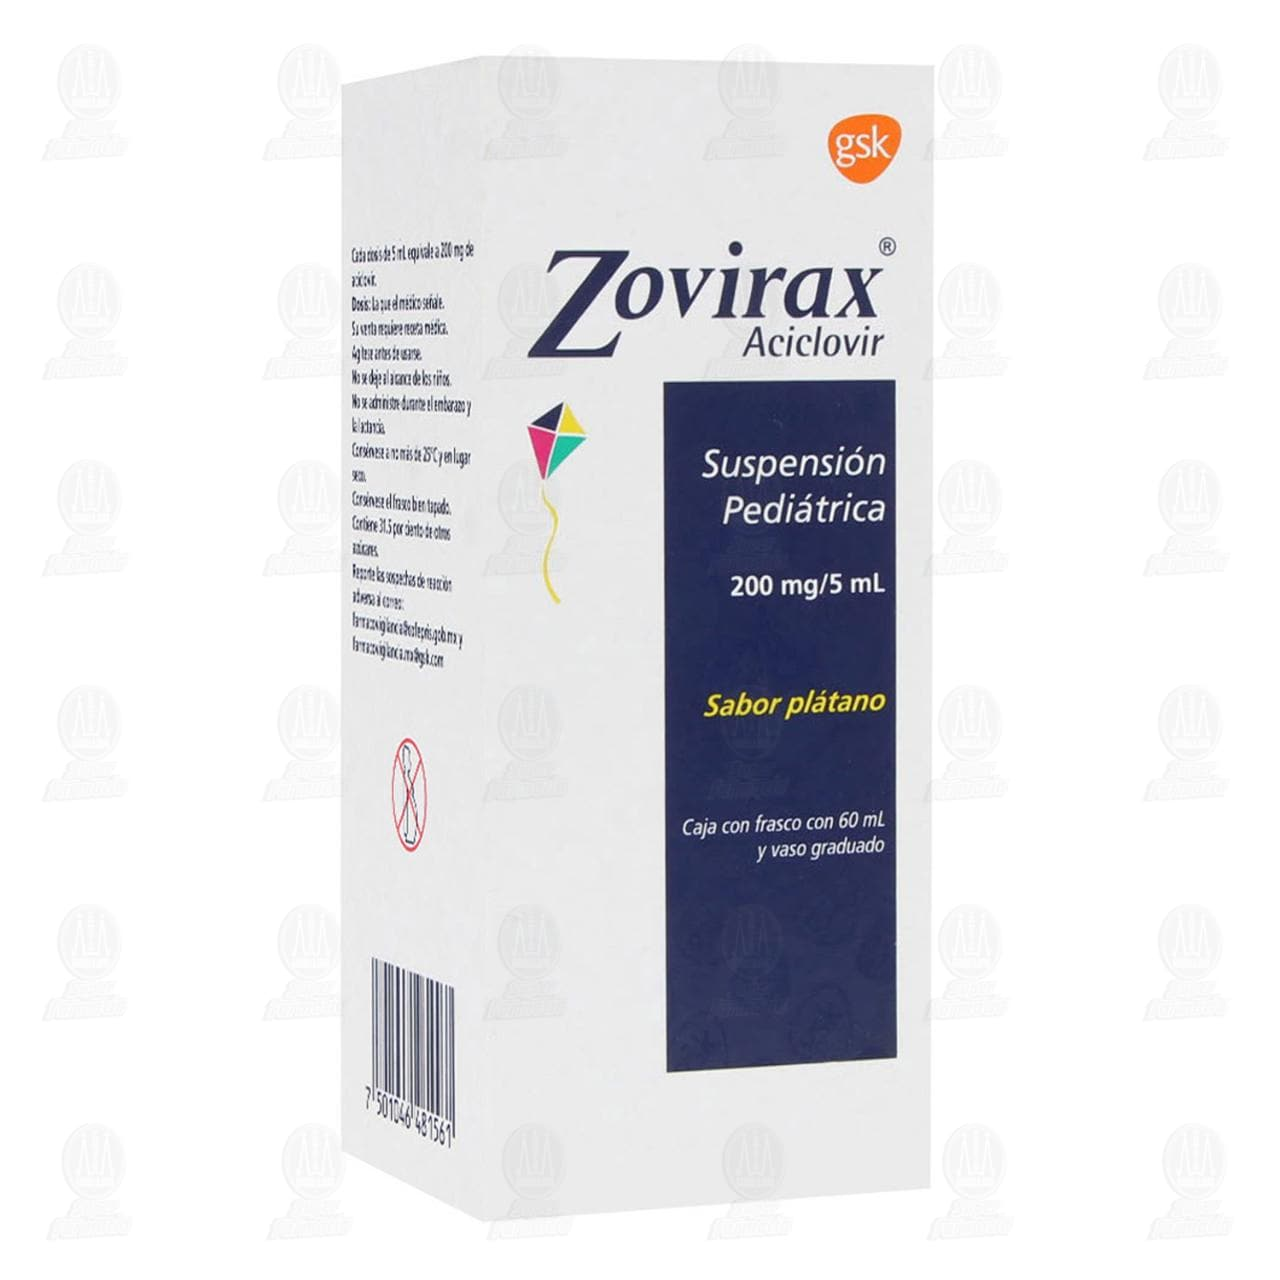 Comprar Zovirax Pediátrico 200mg/5ml 60ml Suspensión en Farmacias Guadalajara